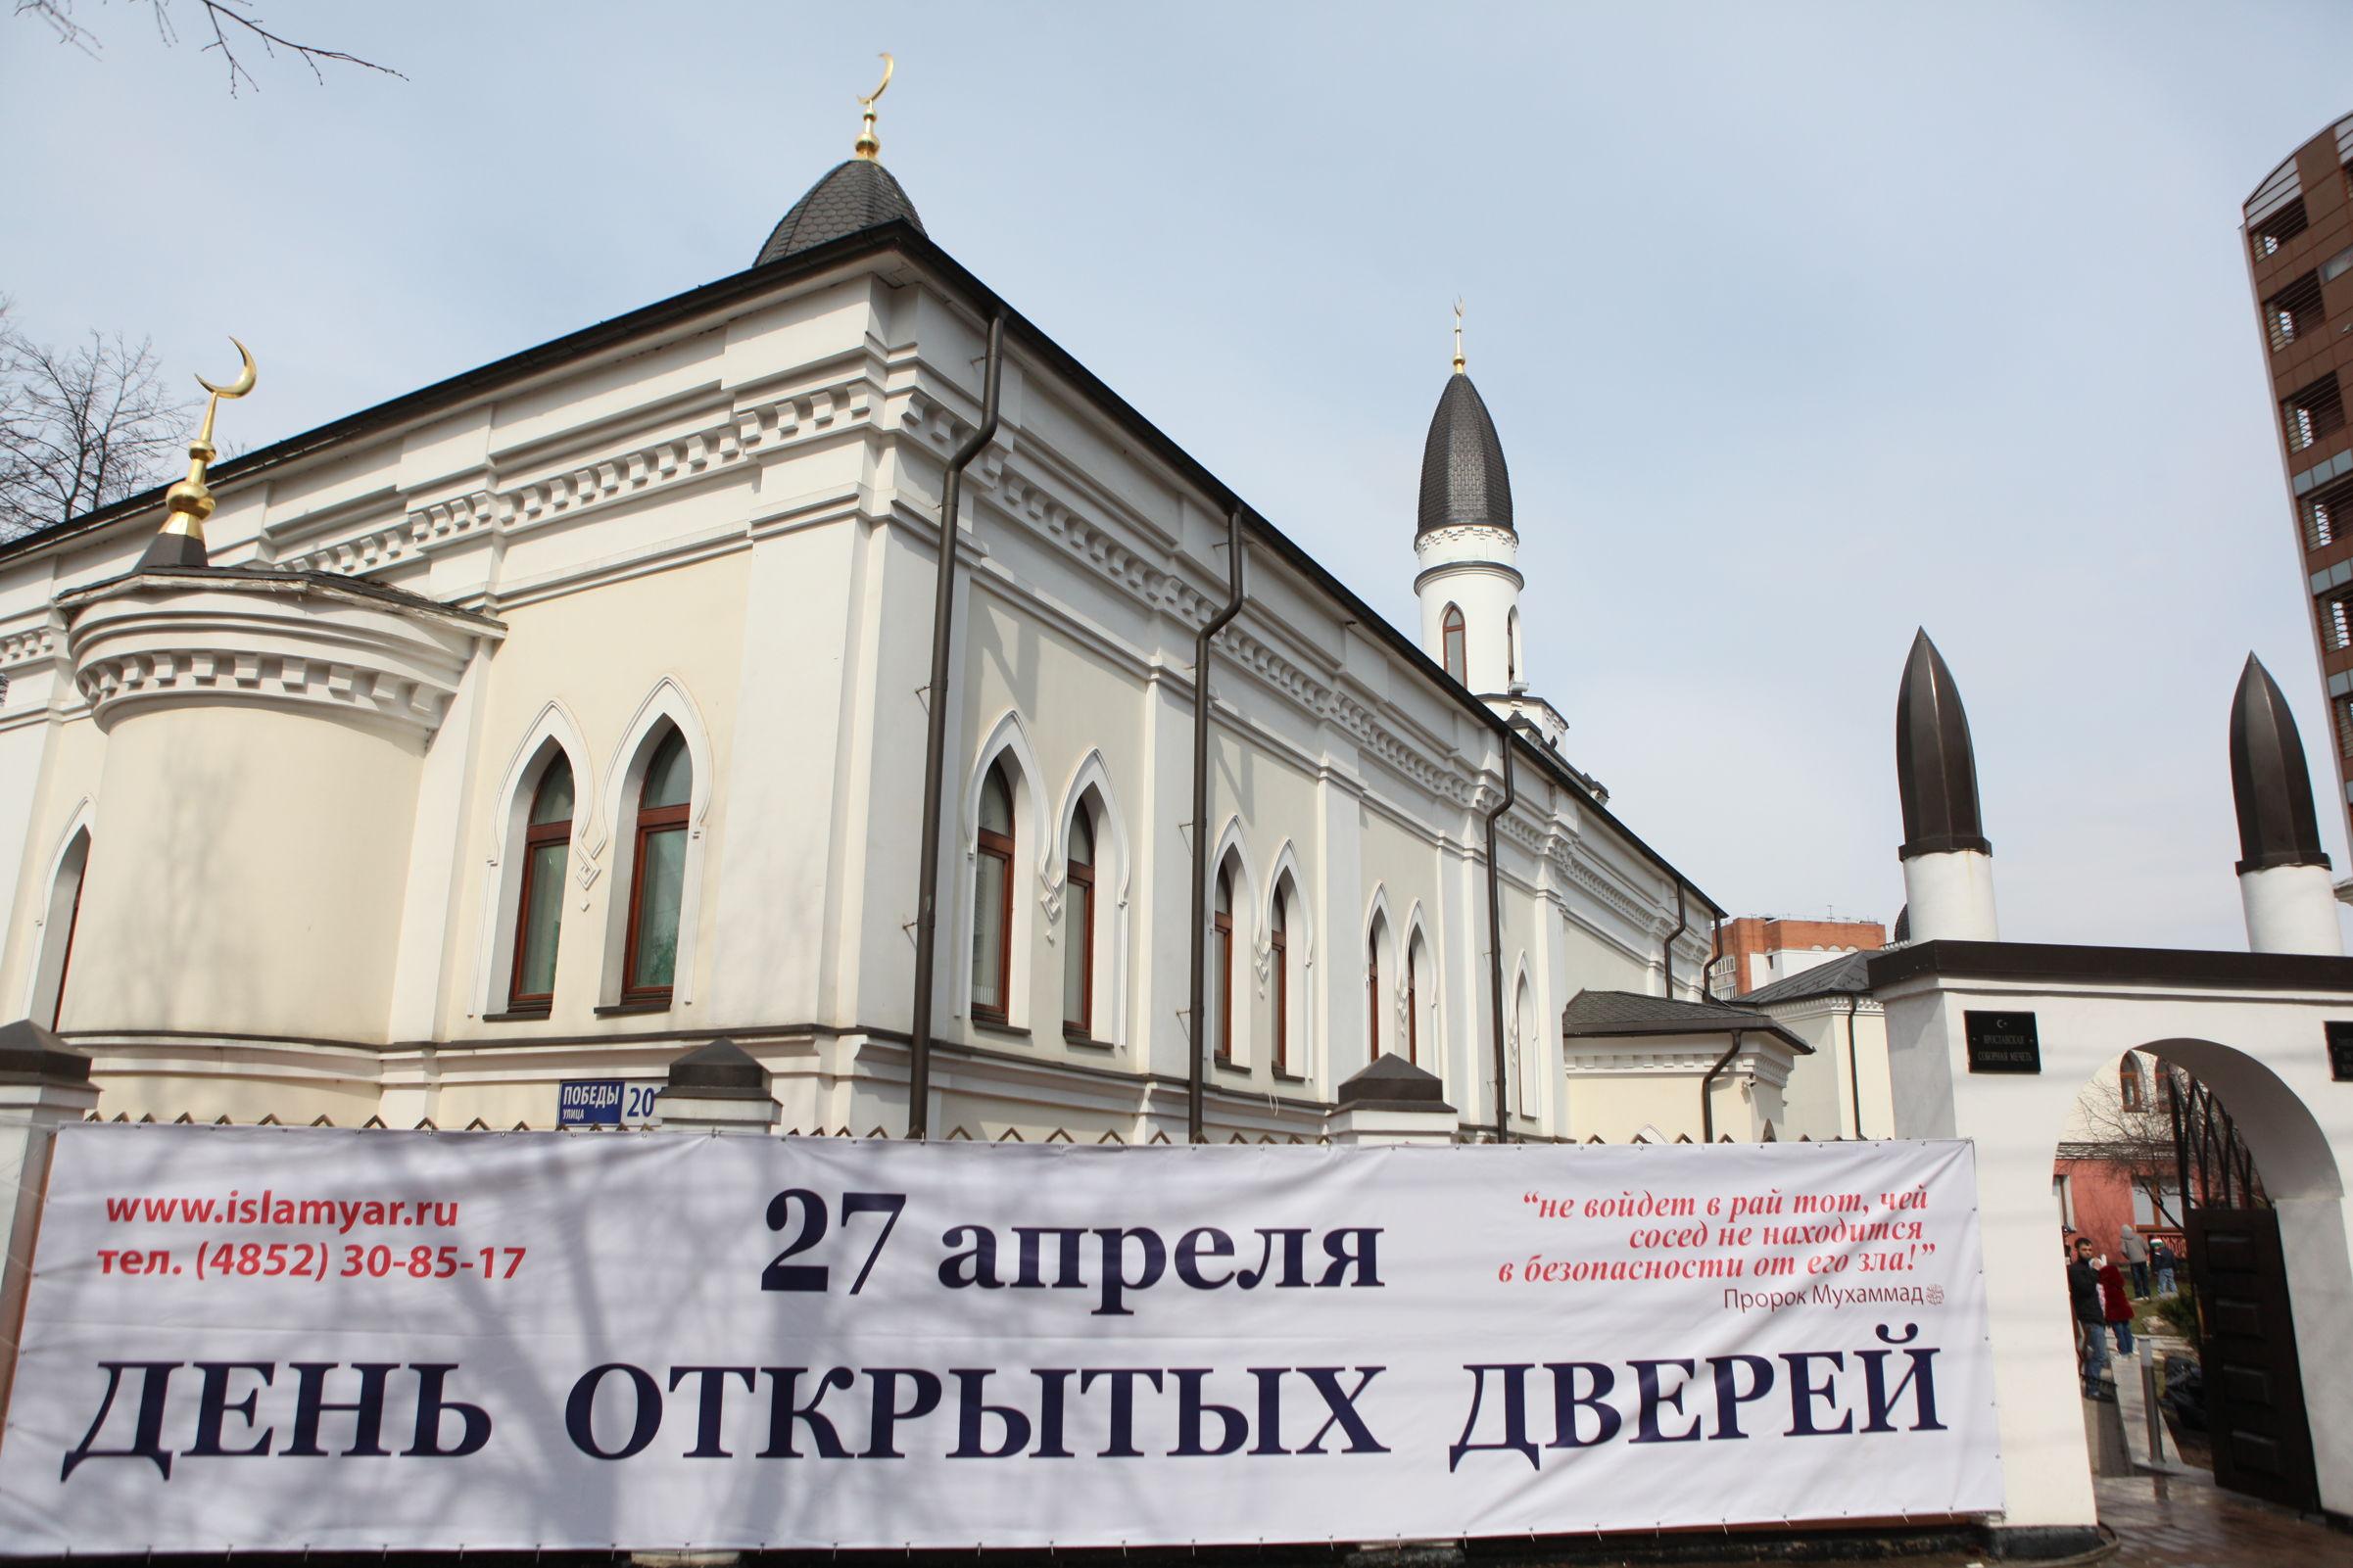 В Ярославле в мечети пройдет день открытых дверей